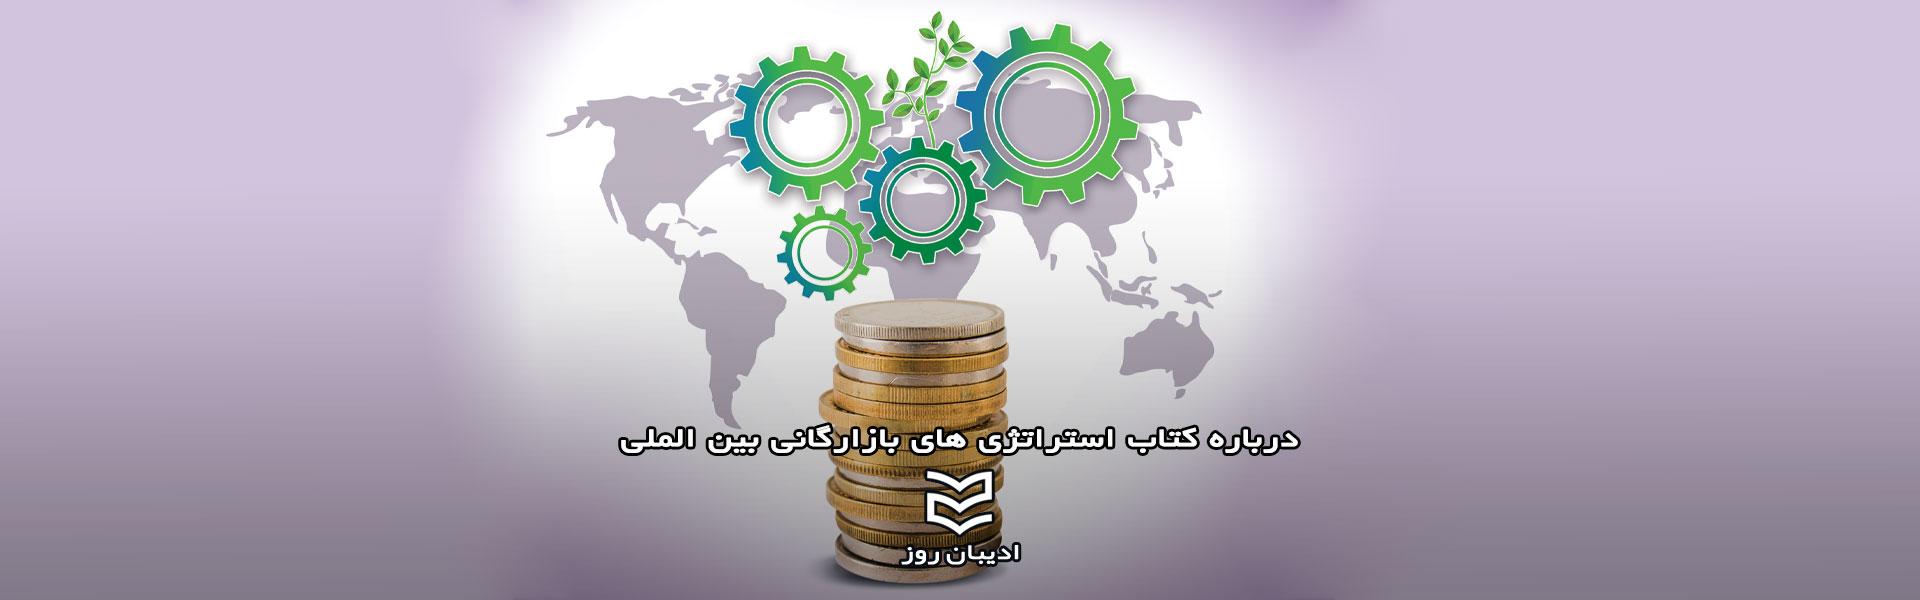 استراتژی های کسب و کار بین المللی